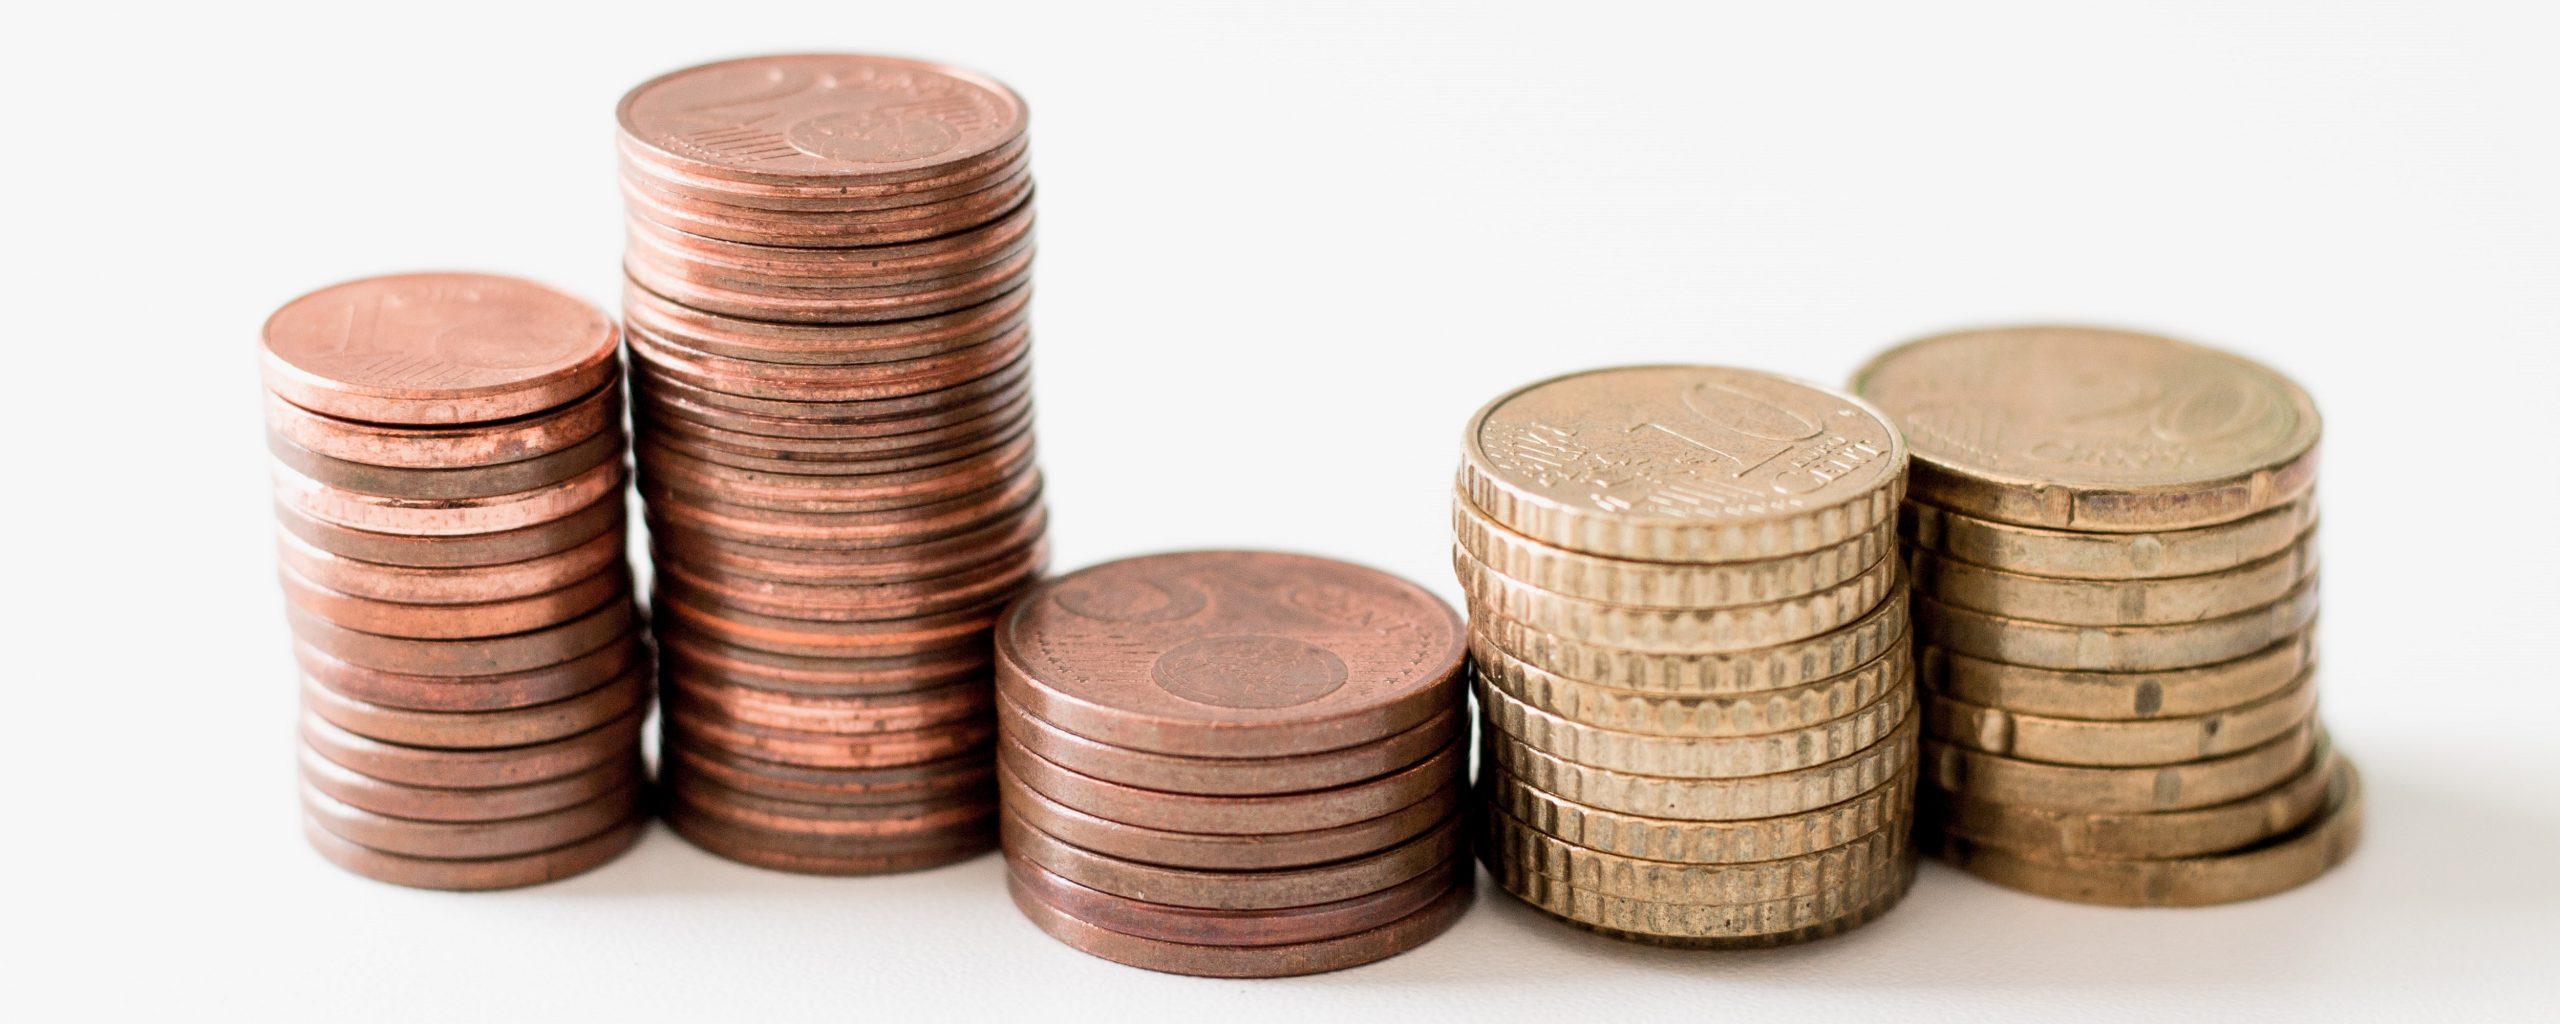 Aides a la reprise d'entreprises, aide reprise fonds de commerce, subventions reprise entreprise, aide apport acquisiton fonds de commerce, prêt d'honneur, prêt BPI